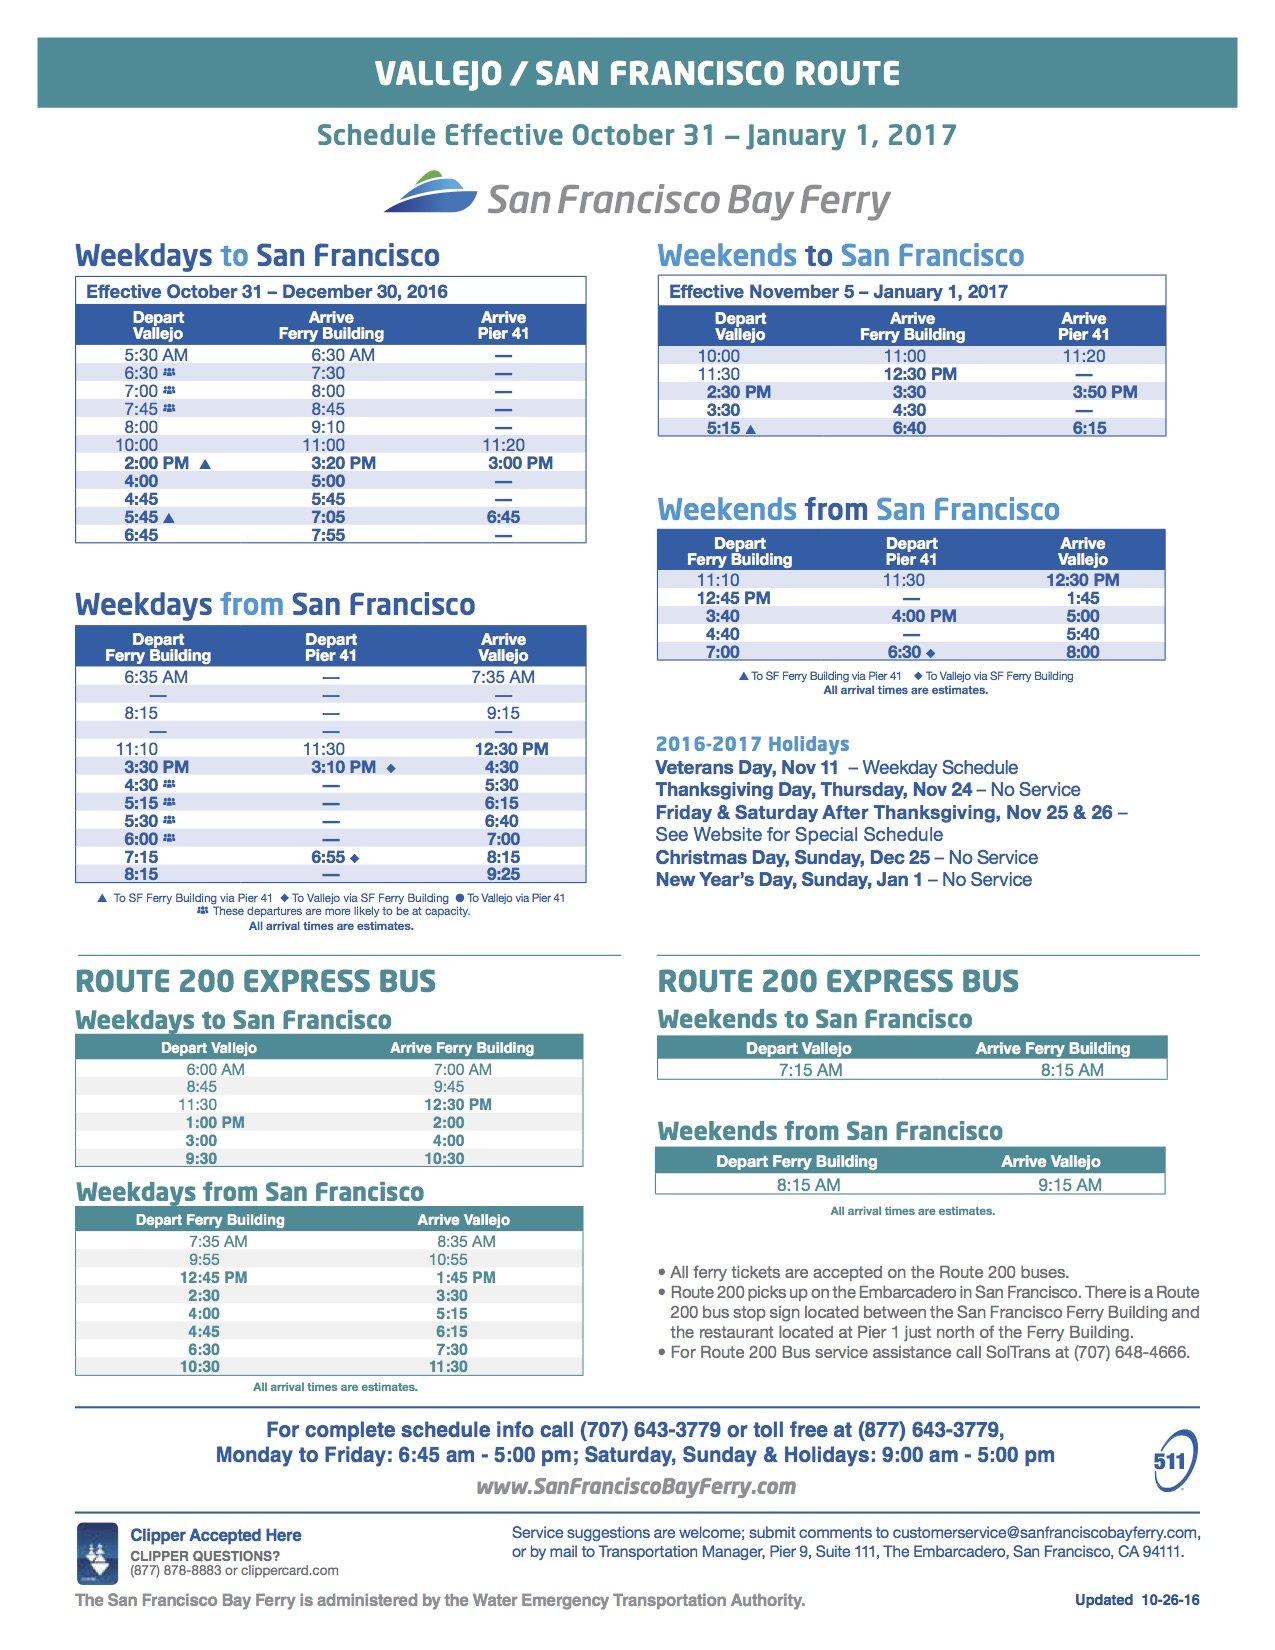 vallejo bay ferry schedule fall 2016 - vallejo bay ferry